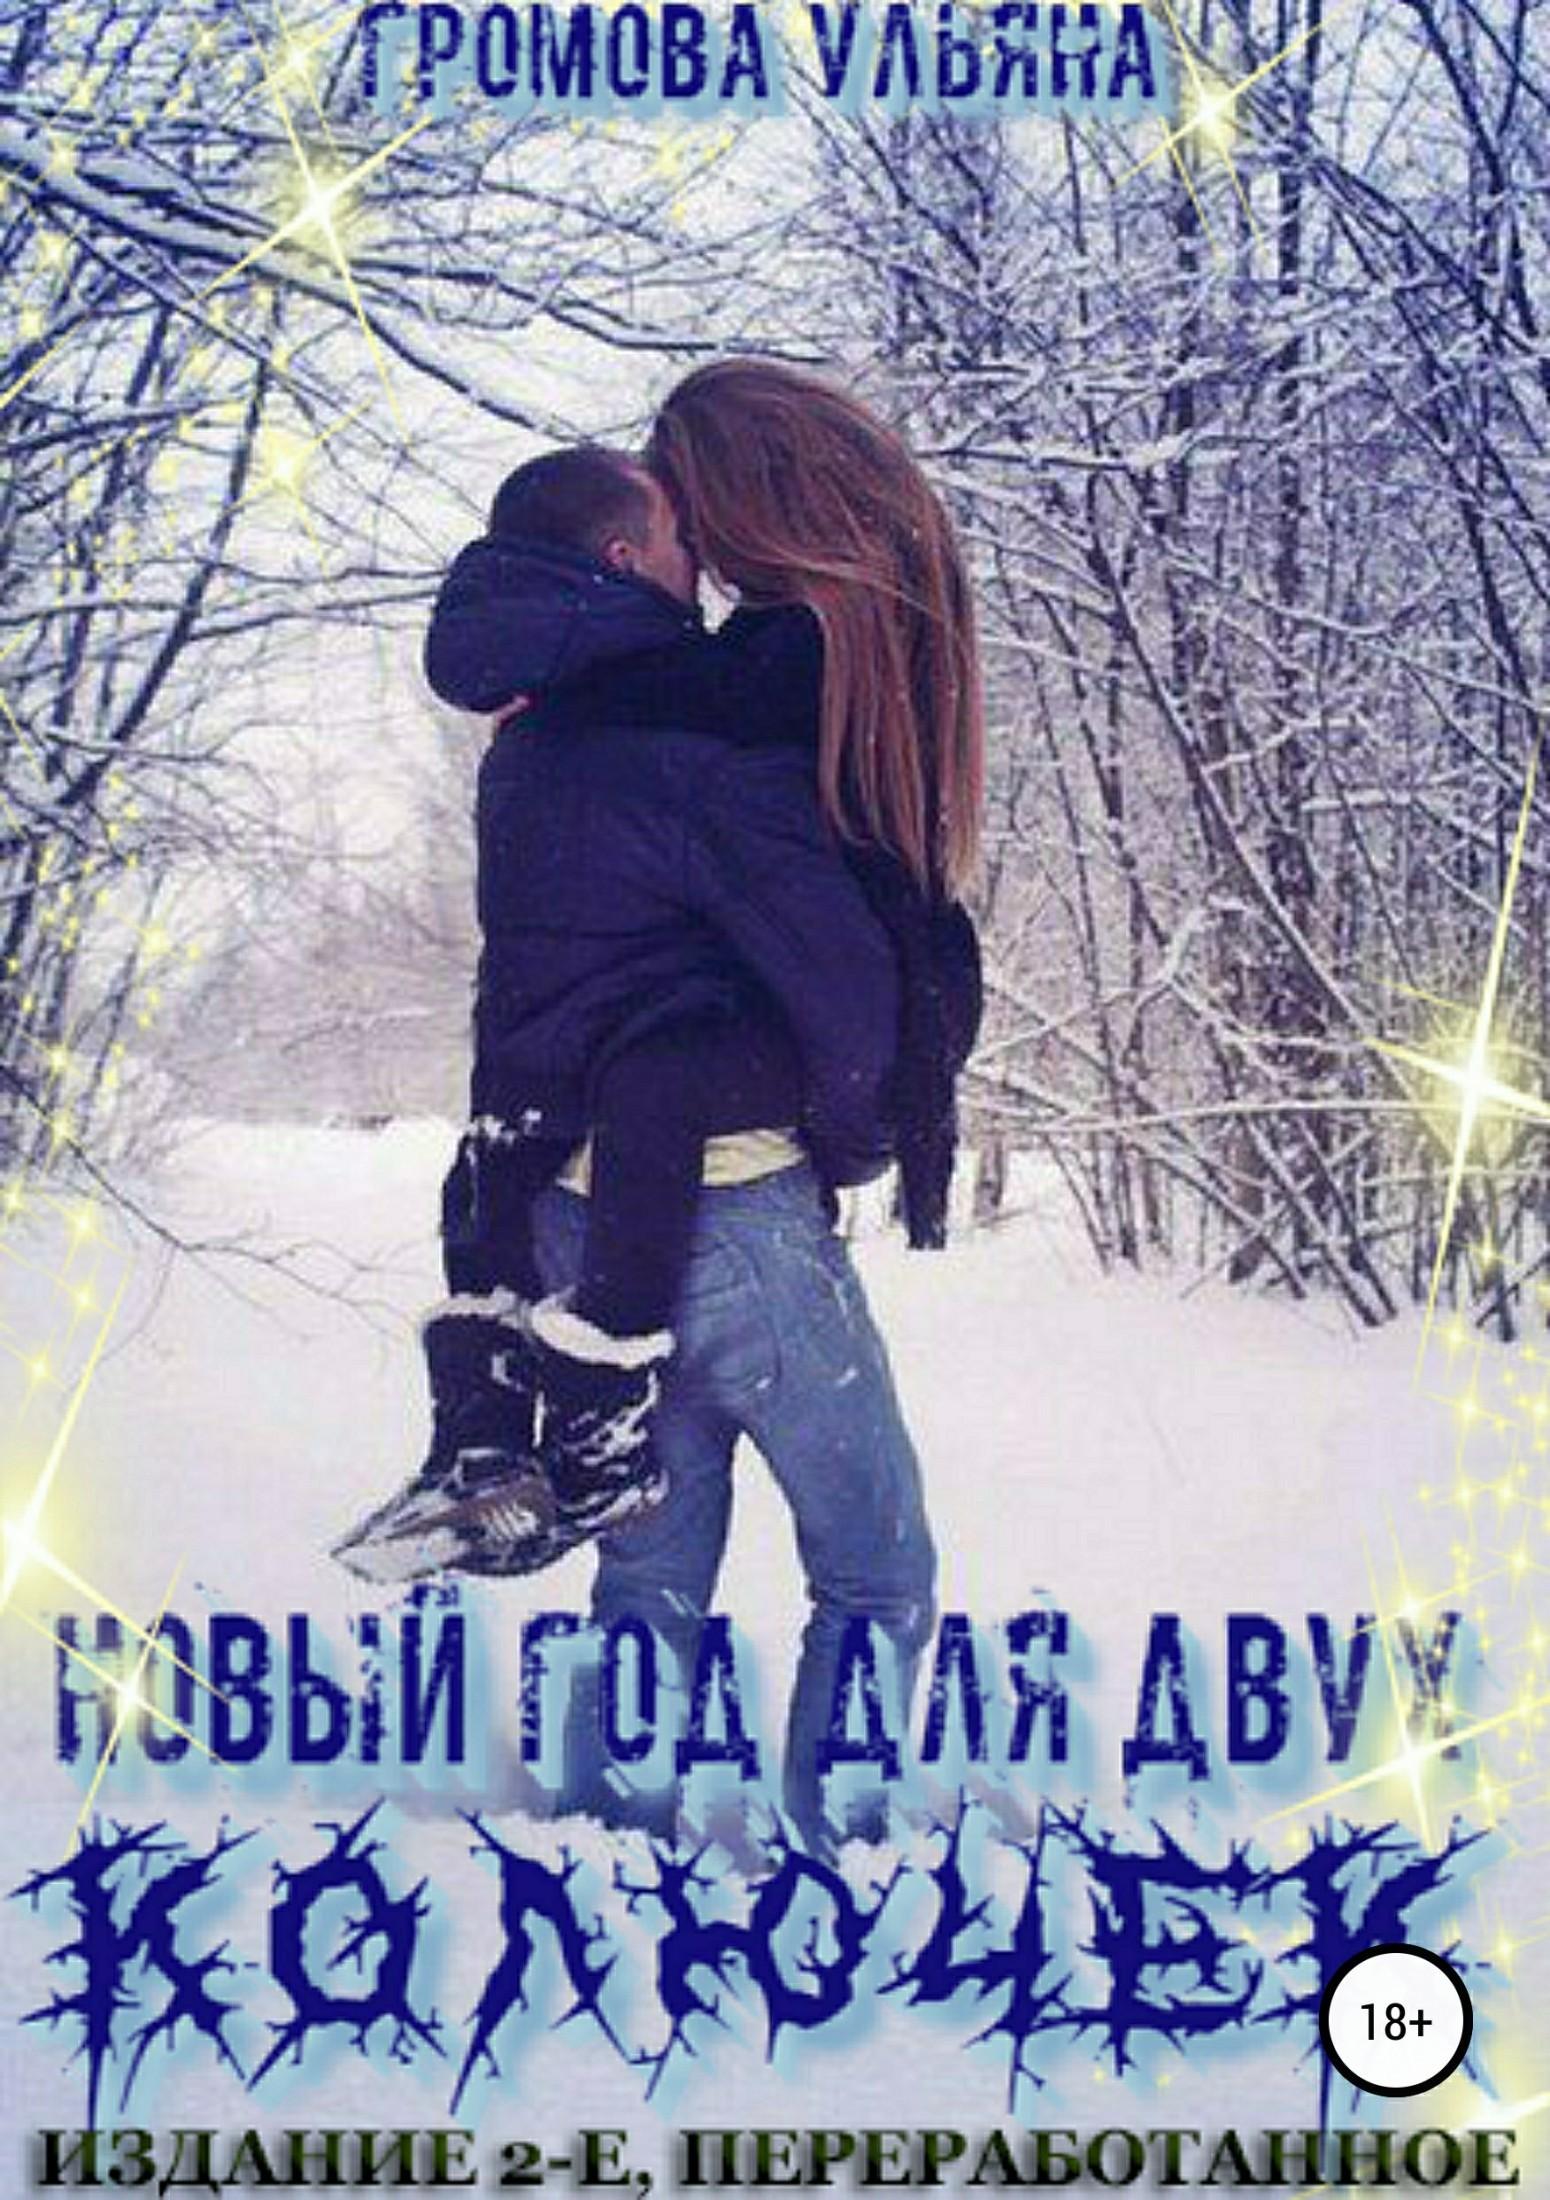 Ульяна Громова - Новый год для двух колючек 2